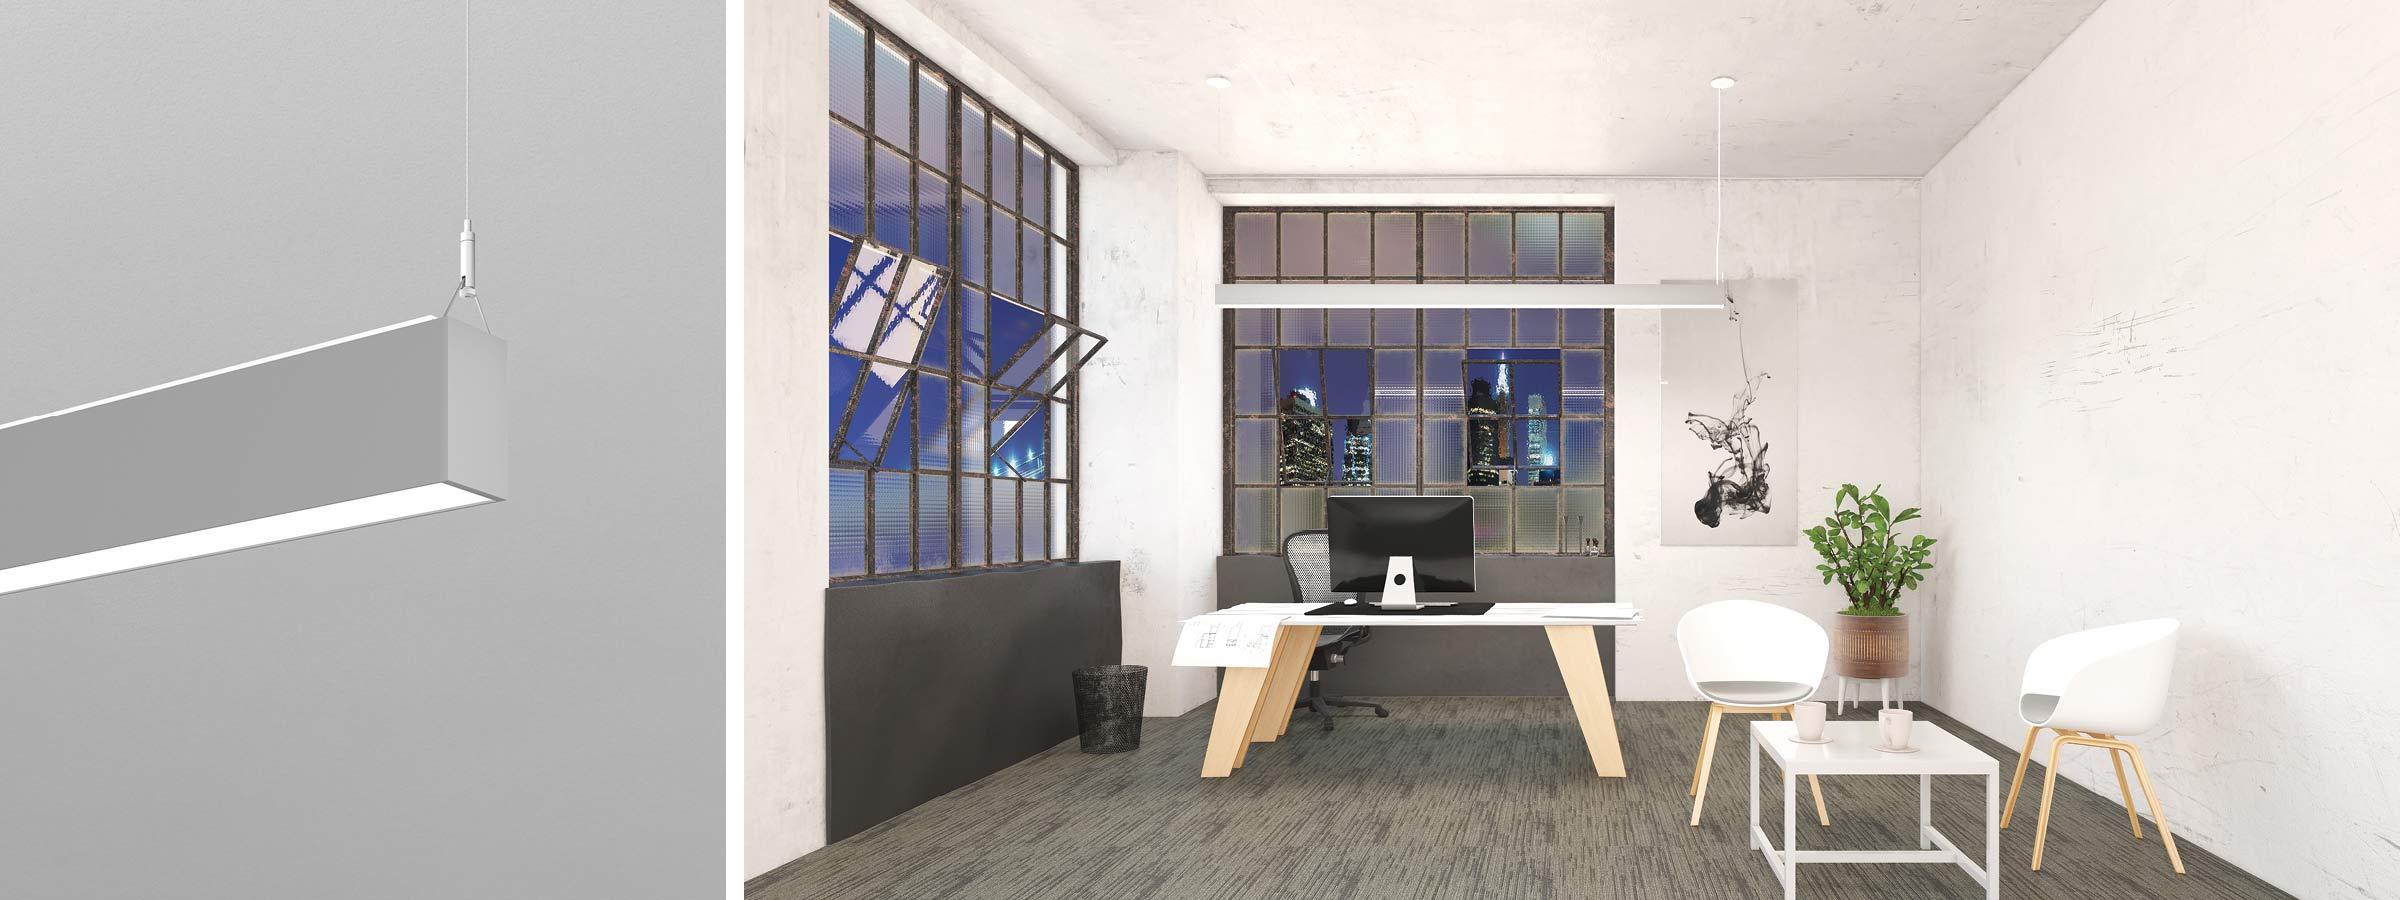 TwinBeam2 Render Pendant AP Office HERO